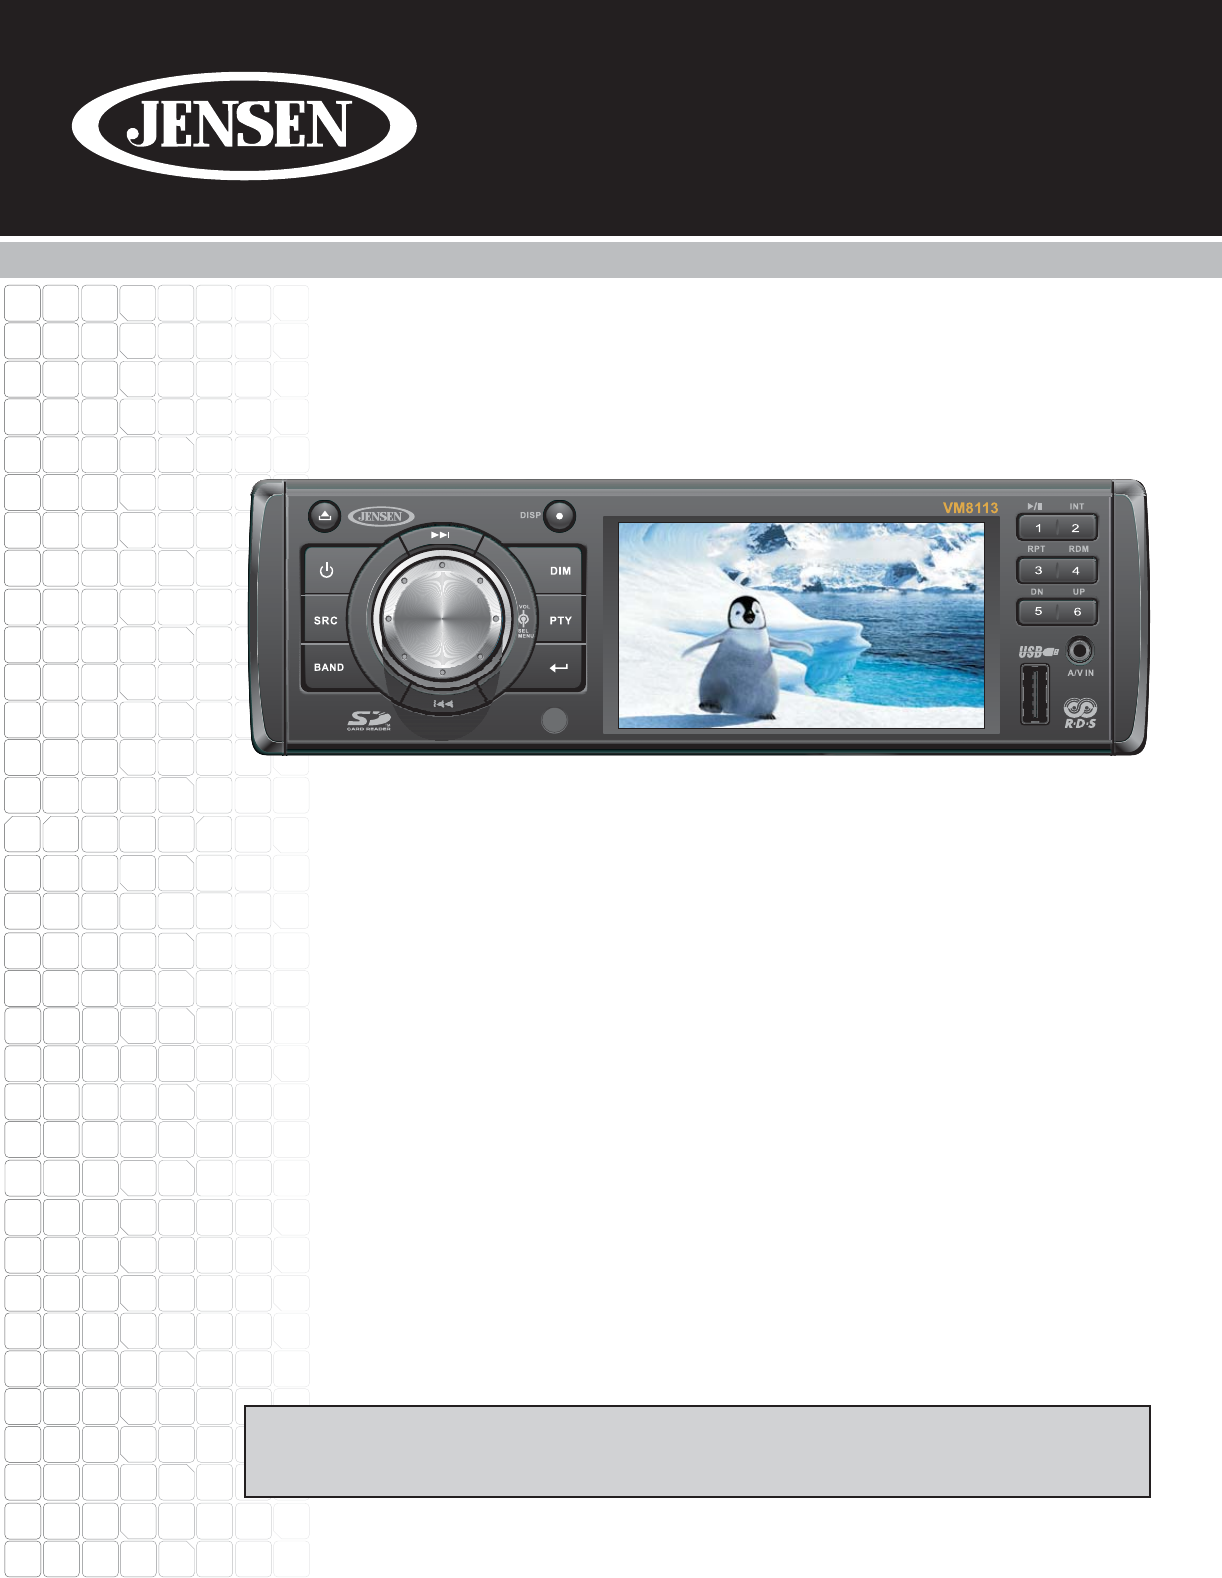 jensen car video system vm8113 user guide manualsonline com rh caraudio manualsonline com User Webcast User Training